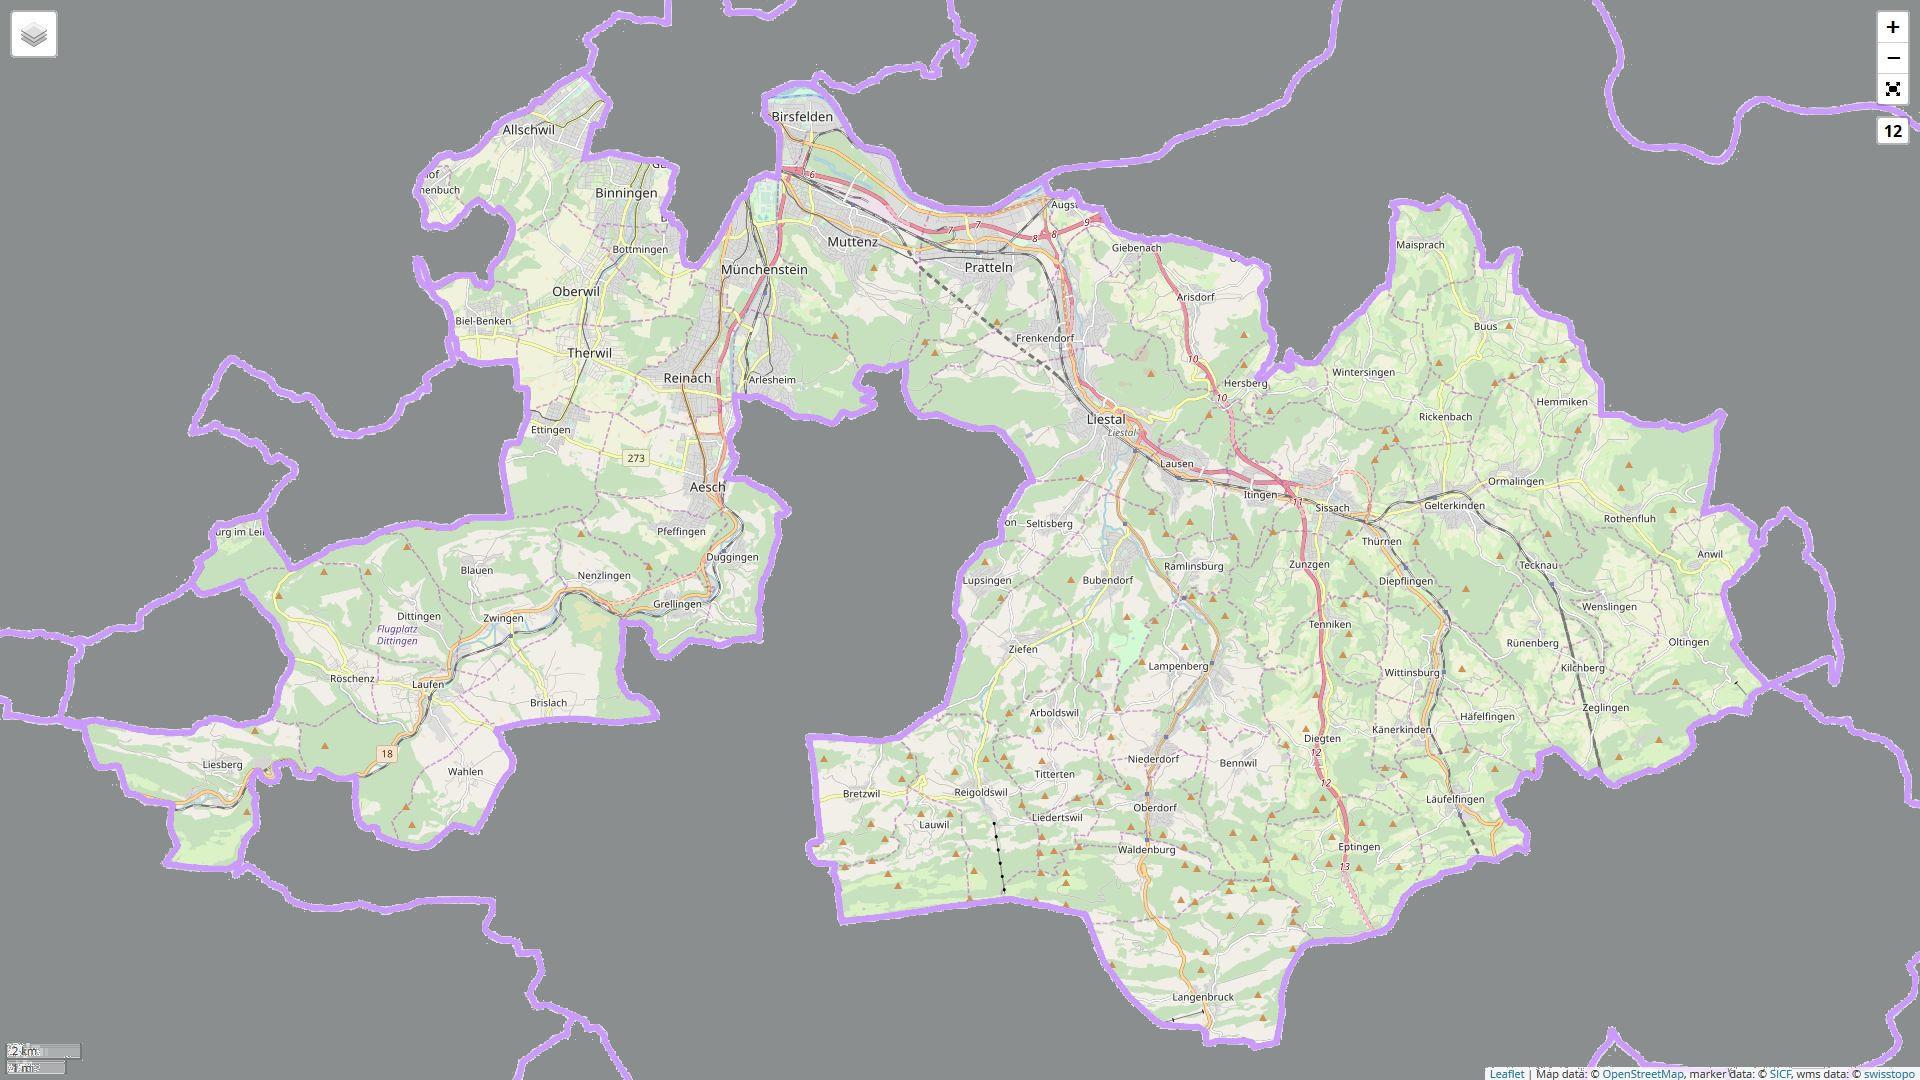 Kartenausschnitt des Kanton Basel-Landschaft